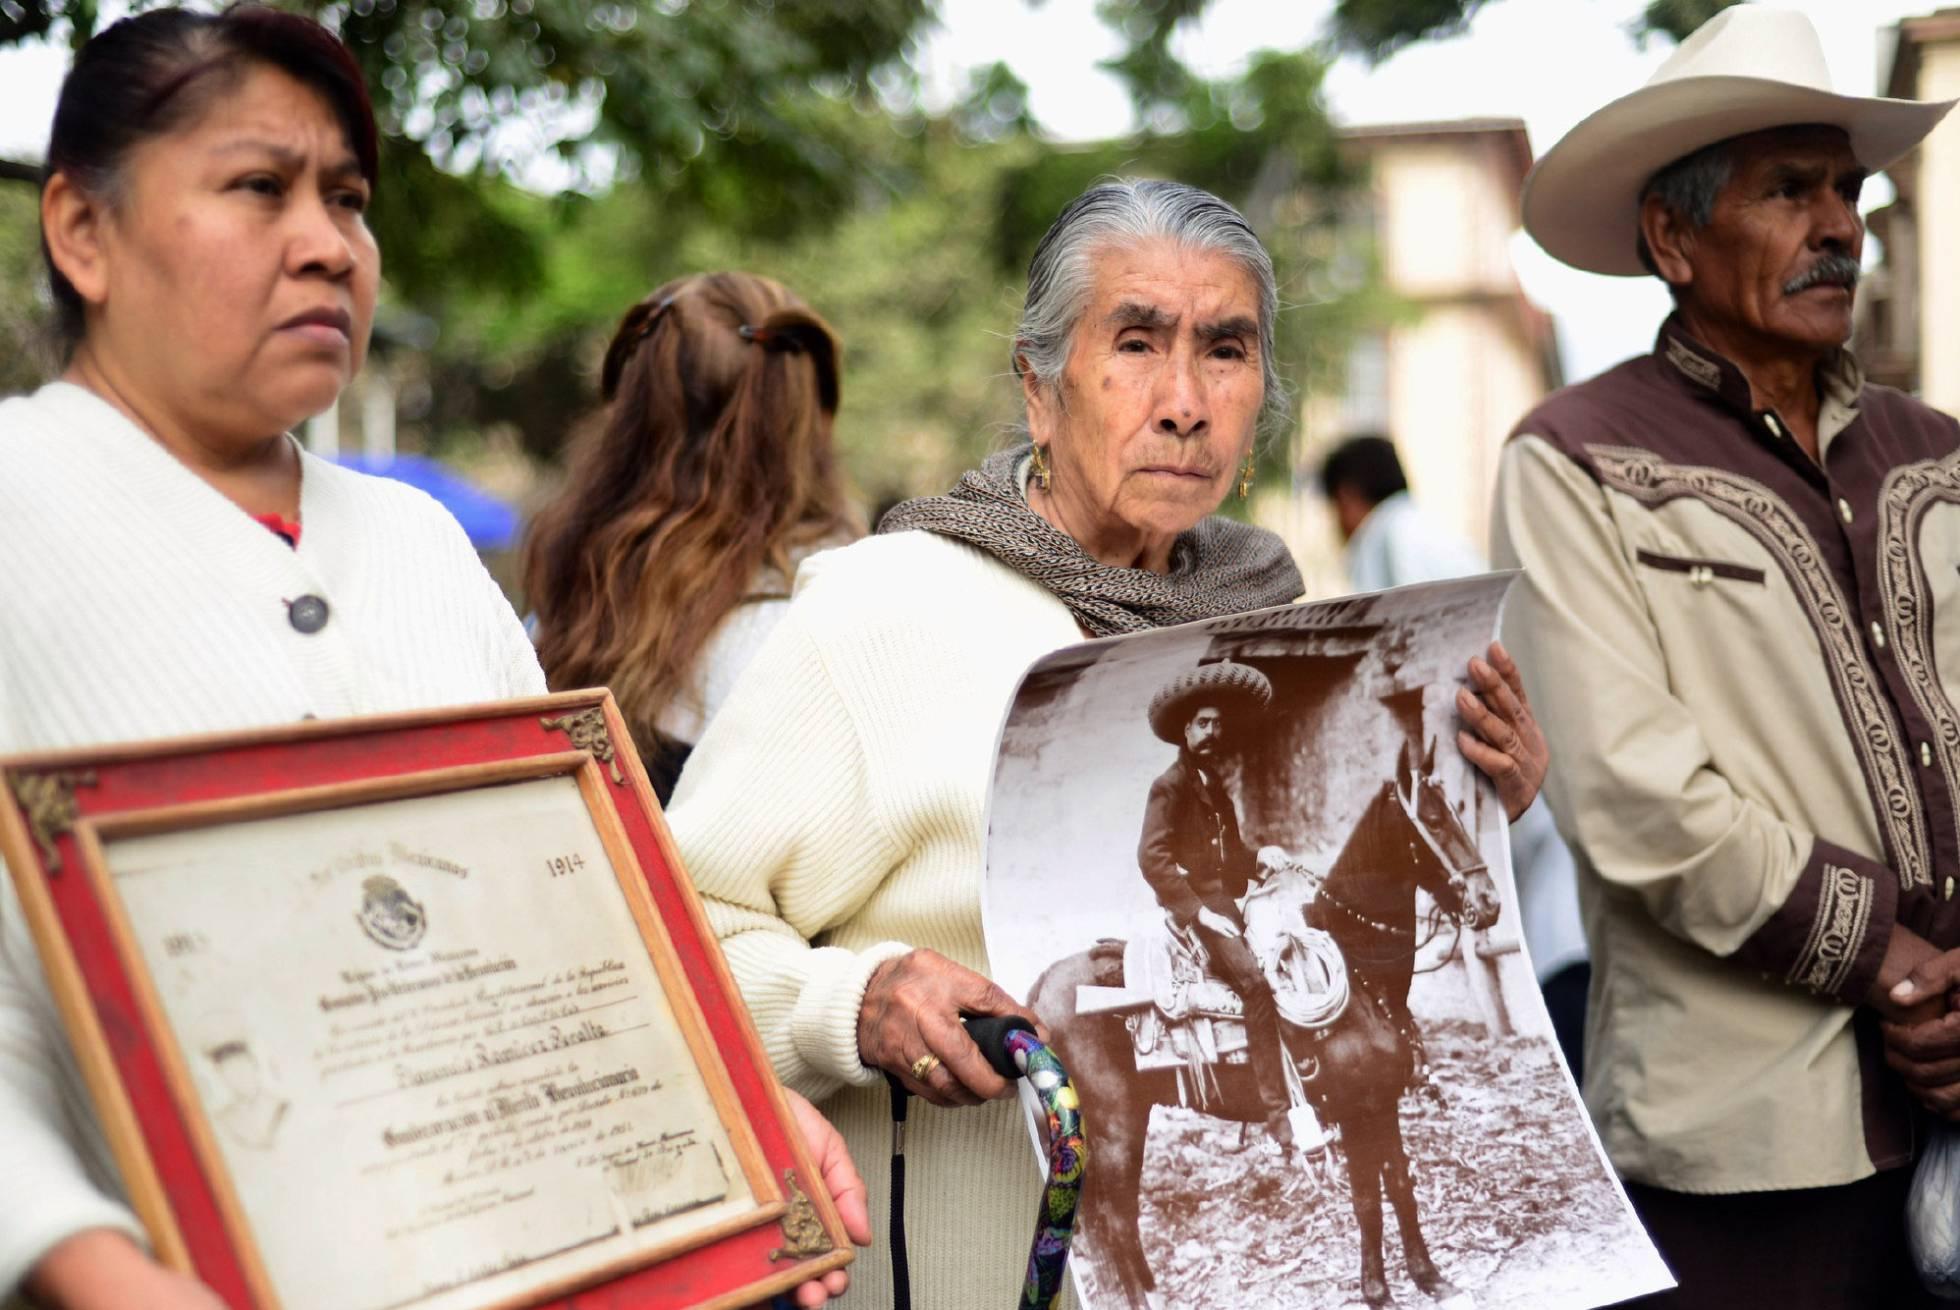 Descendientes de la Revolución Mexicana exigen el pago de pensiones